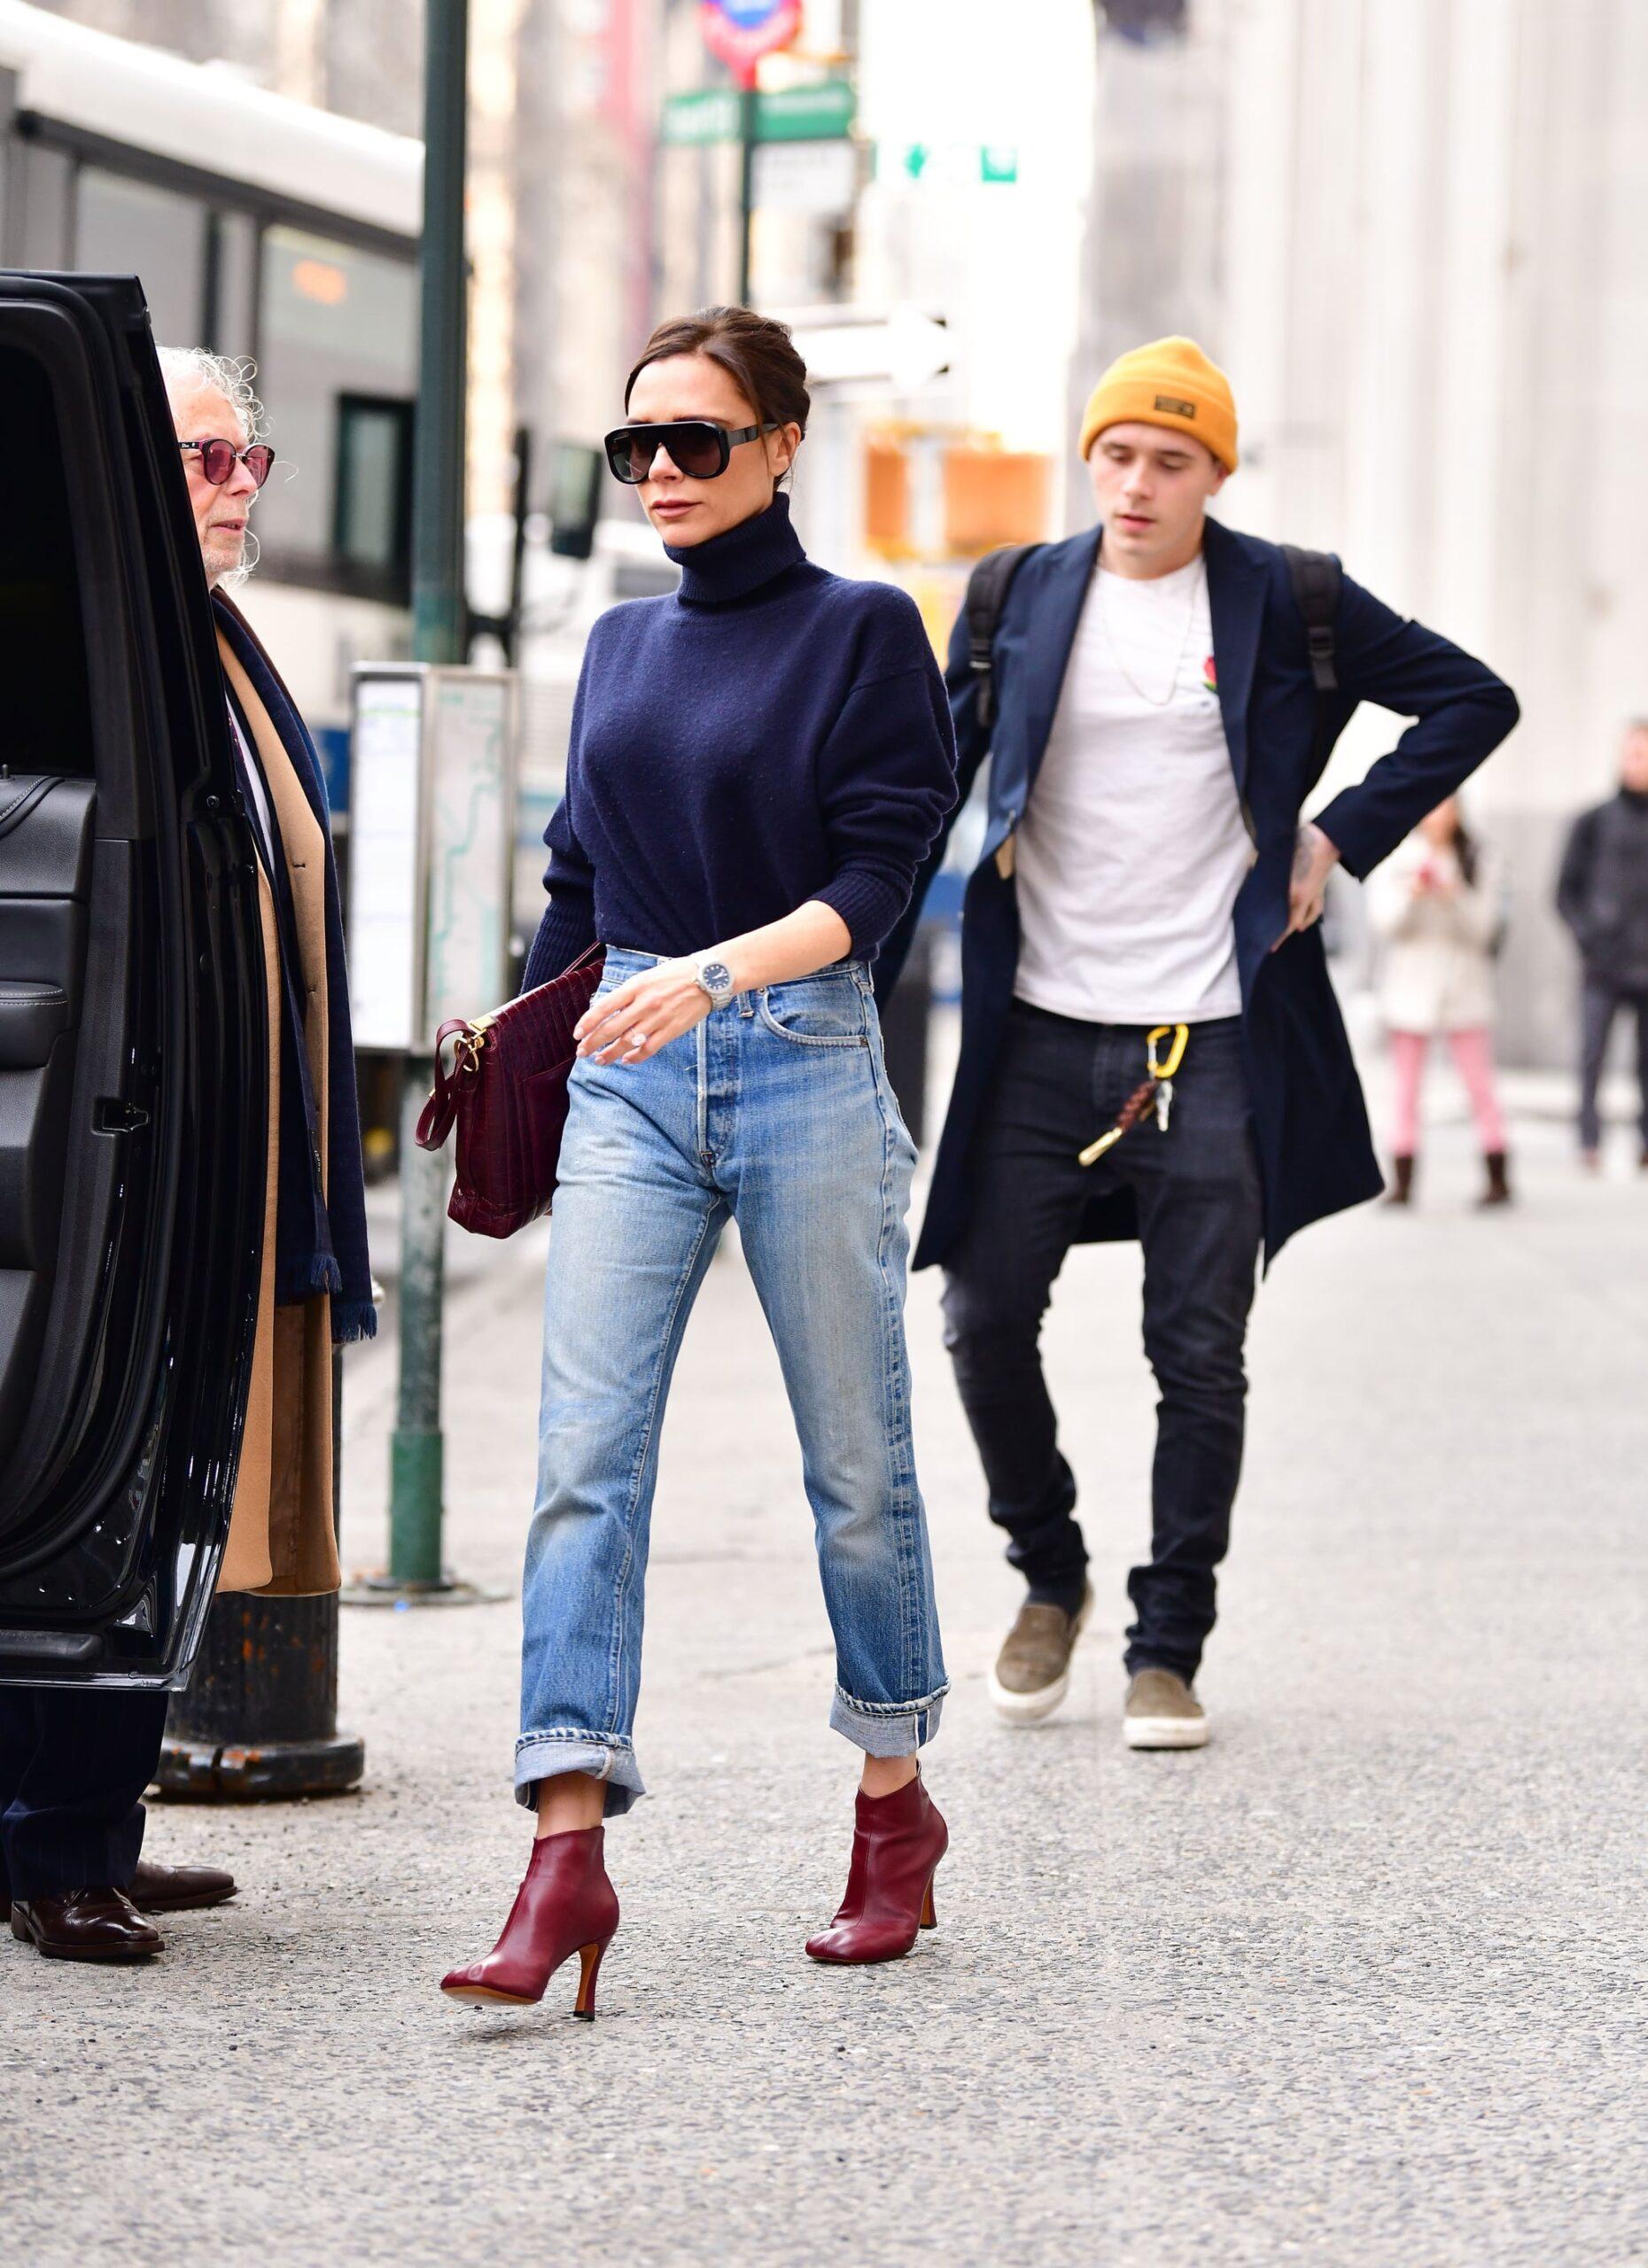 Бордовые ботинки в гардеробе современной девушки: с чем сочетать и когда носить